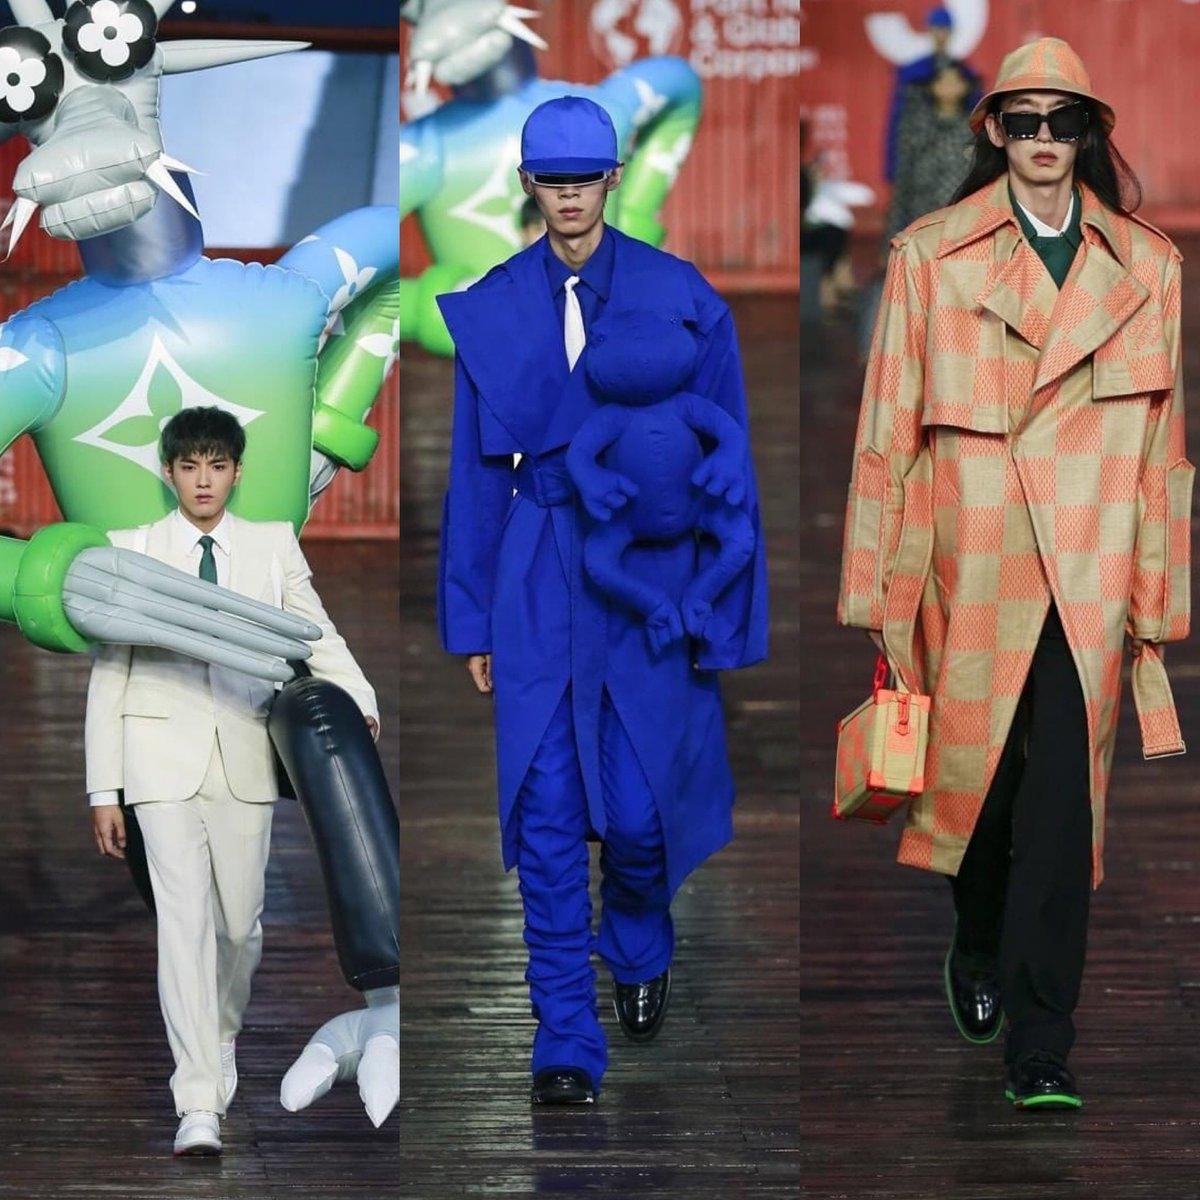 Louis Vuitton SS21 - Menswear by Virgil Abloh🔍 https://t.co/GFy2xo9fir